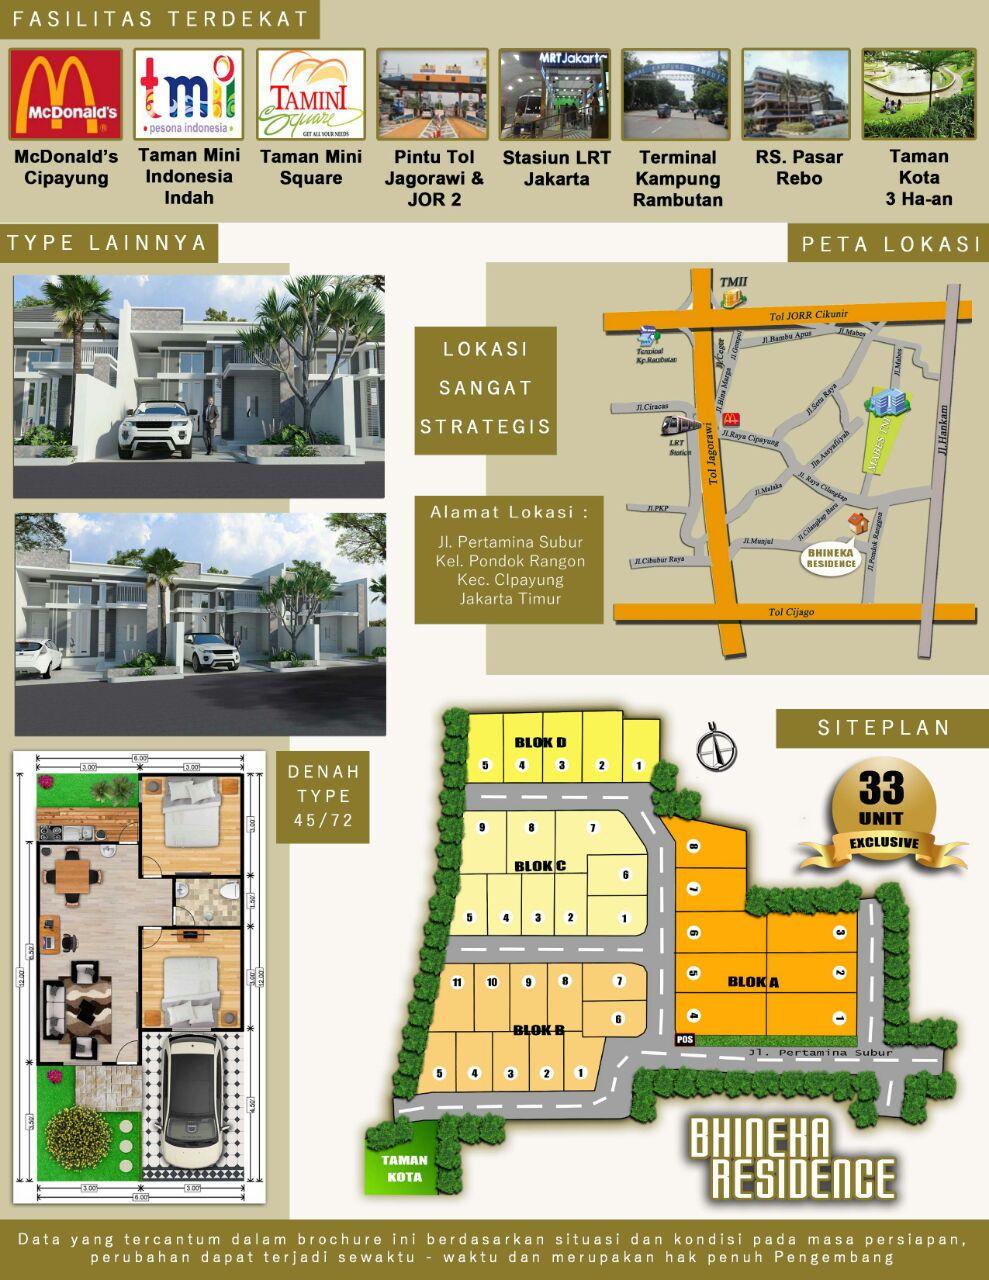 Lokasi dan sarana sekitar Bhineka Residence